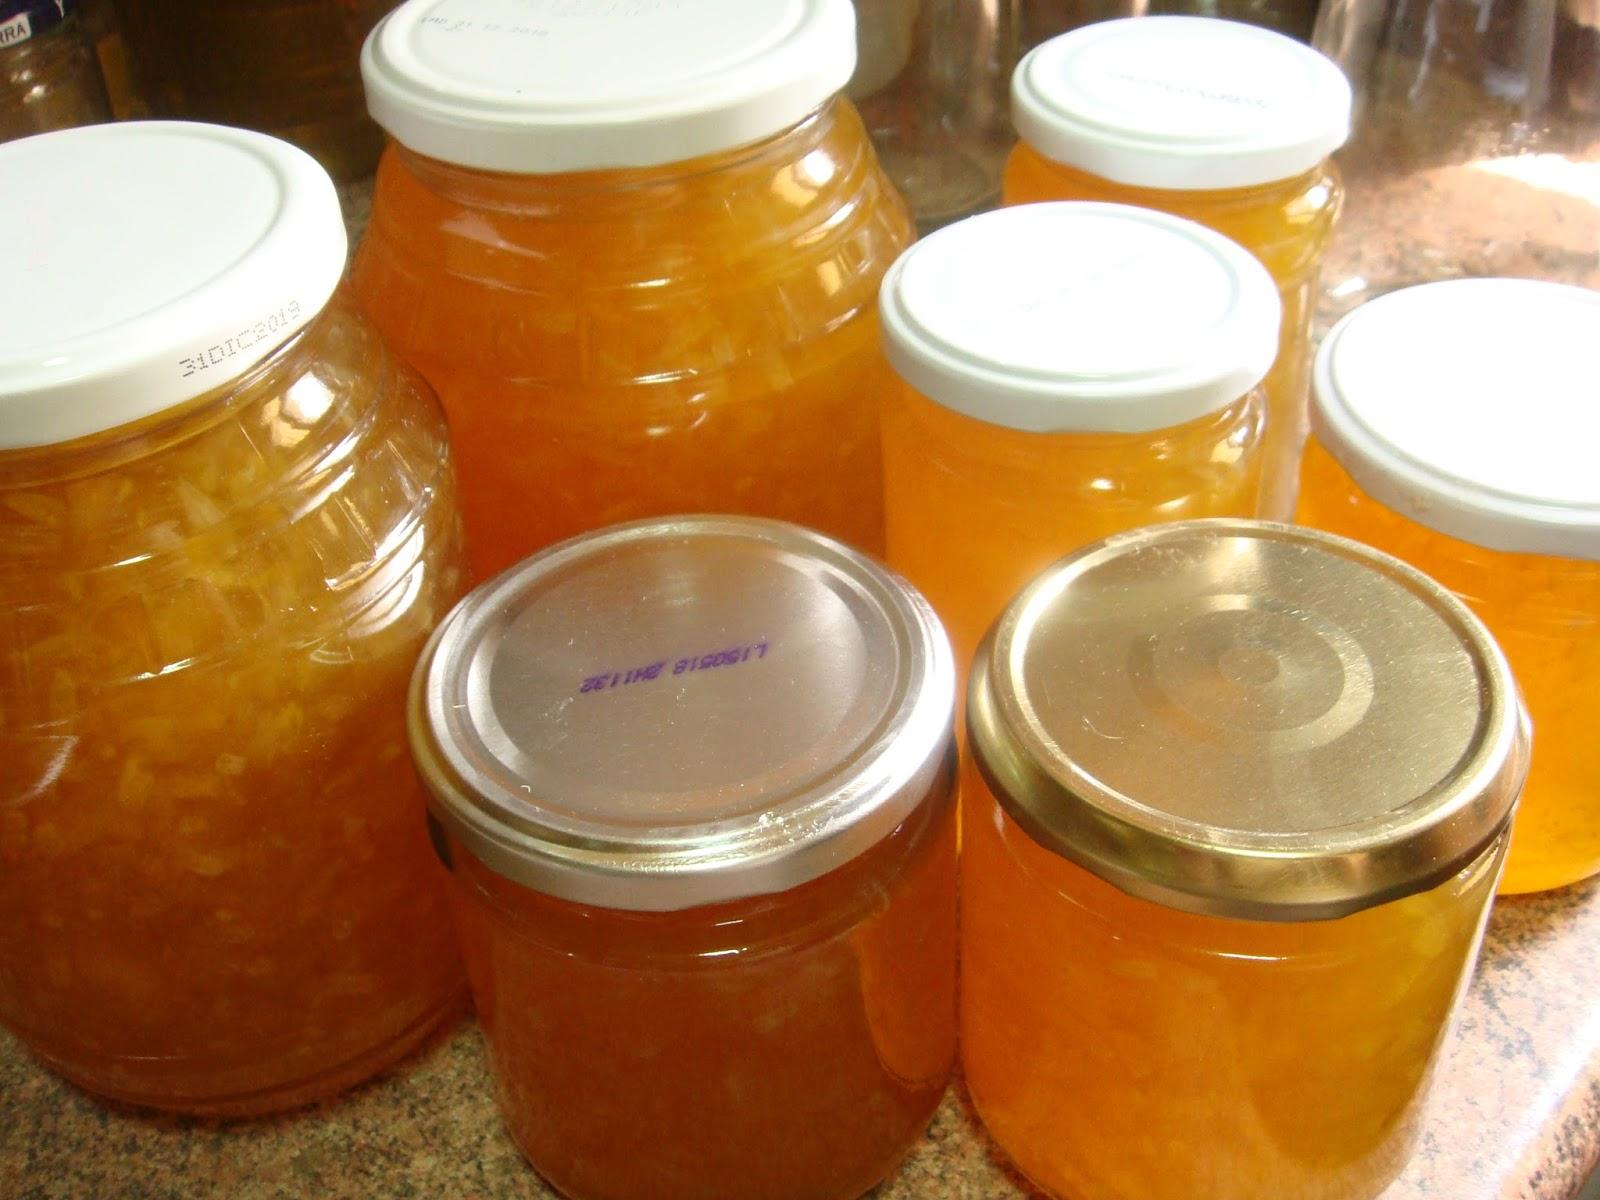 mermelada de limon Increíbles ideas de mermelada con thermomix - descubre una colección completa de recetas de mermelada con thermomix explicadas paso a paso, ilustradas con fotos y sencillas instrucciones.